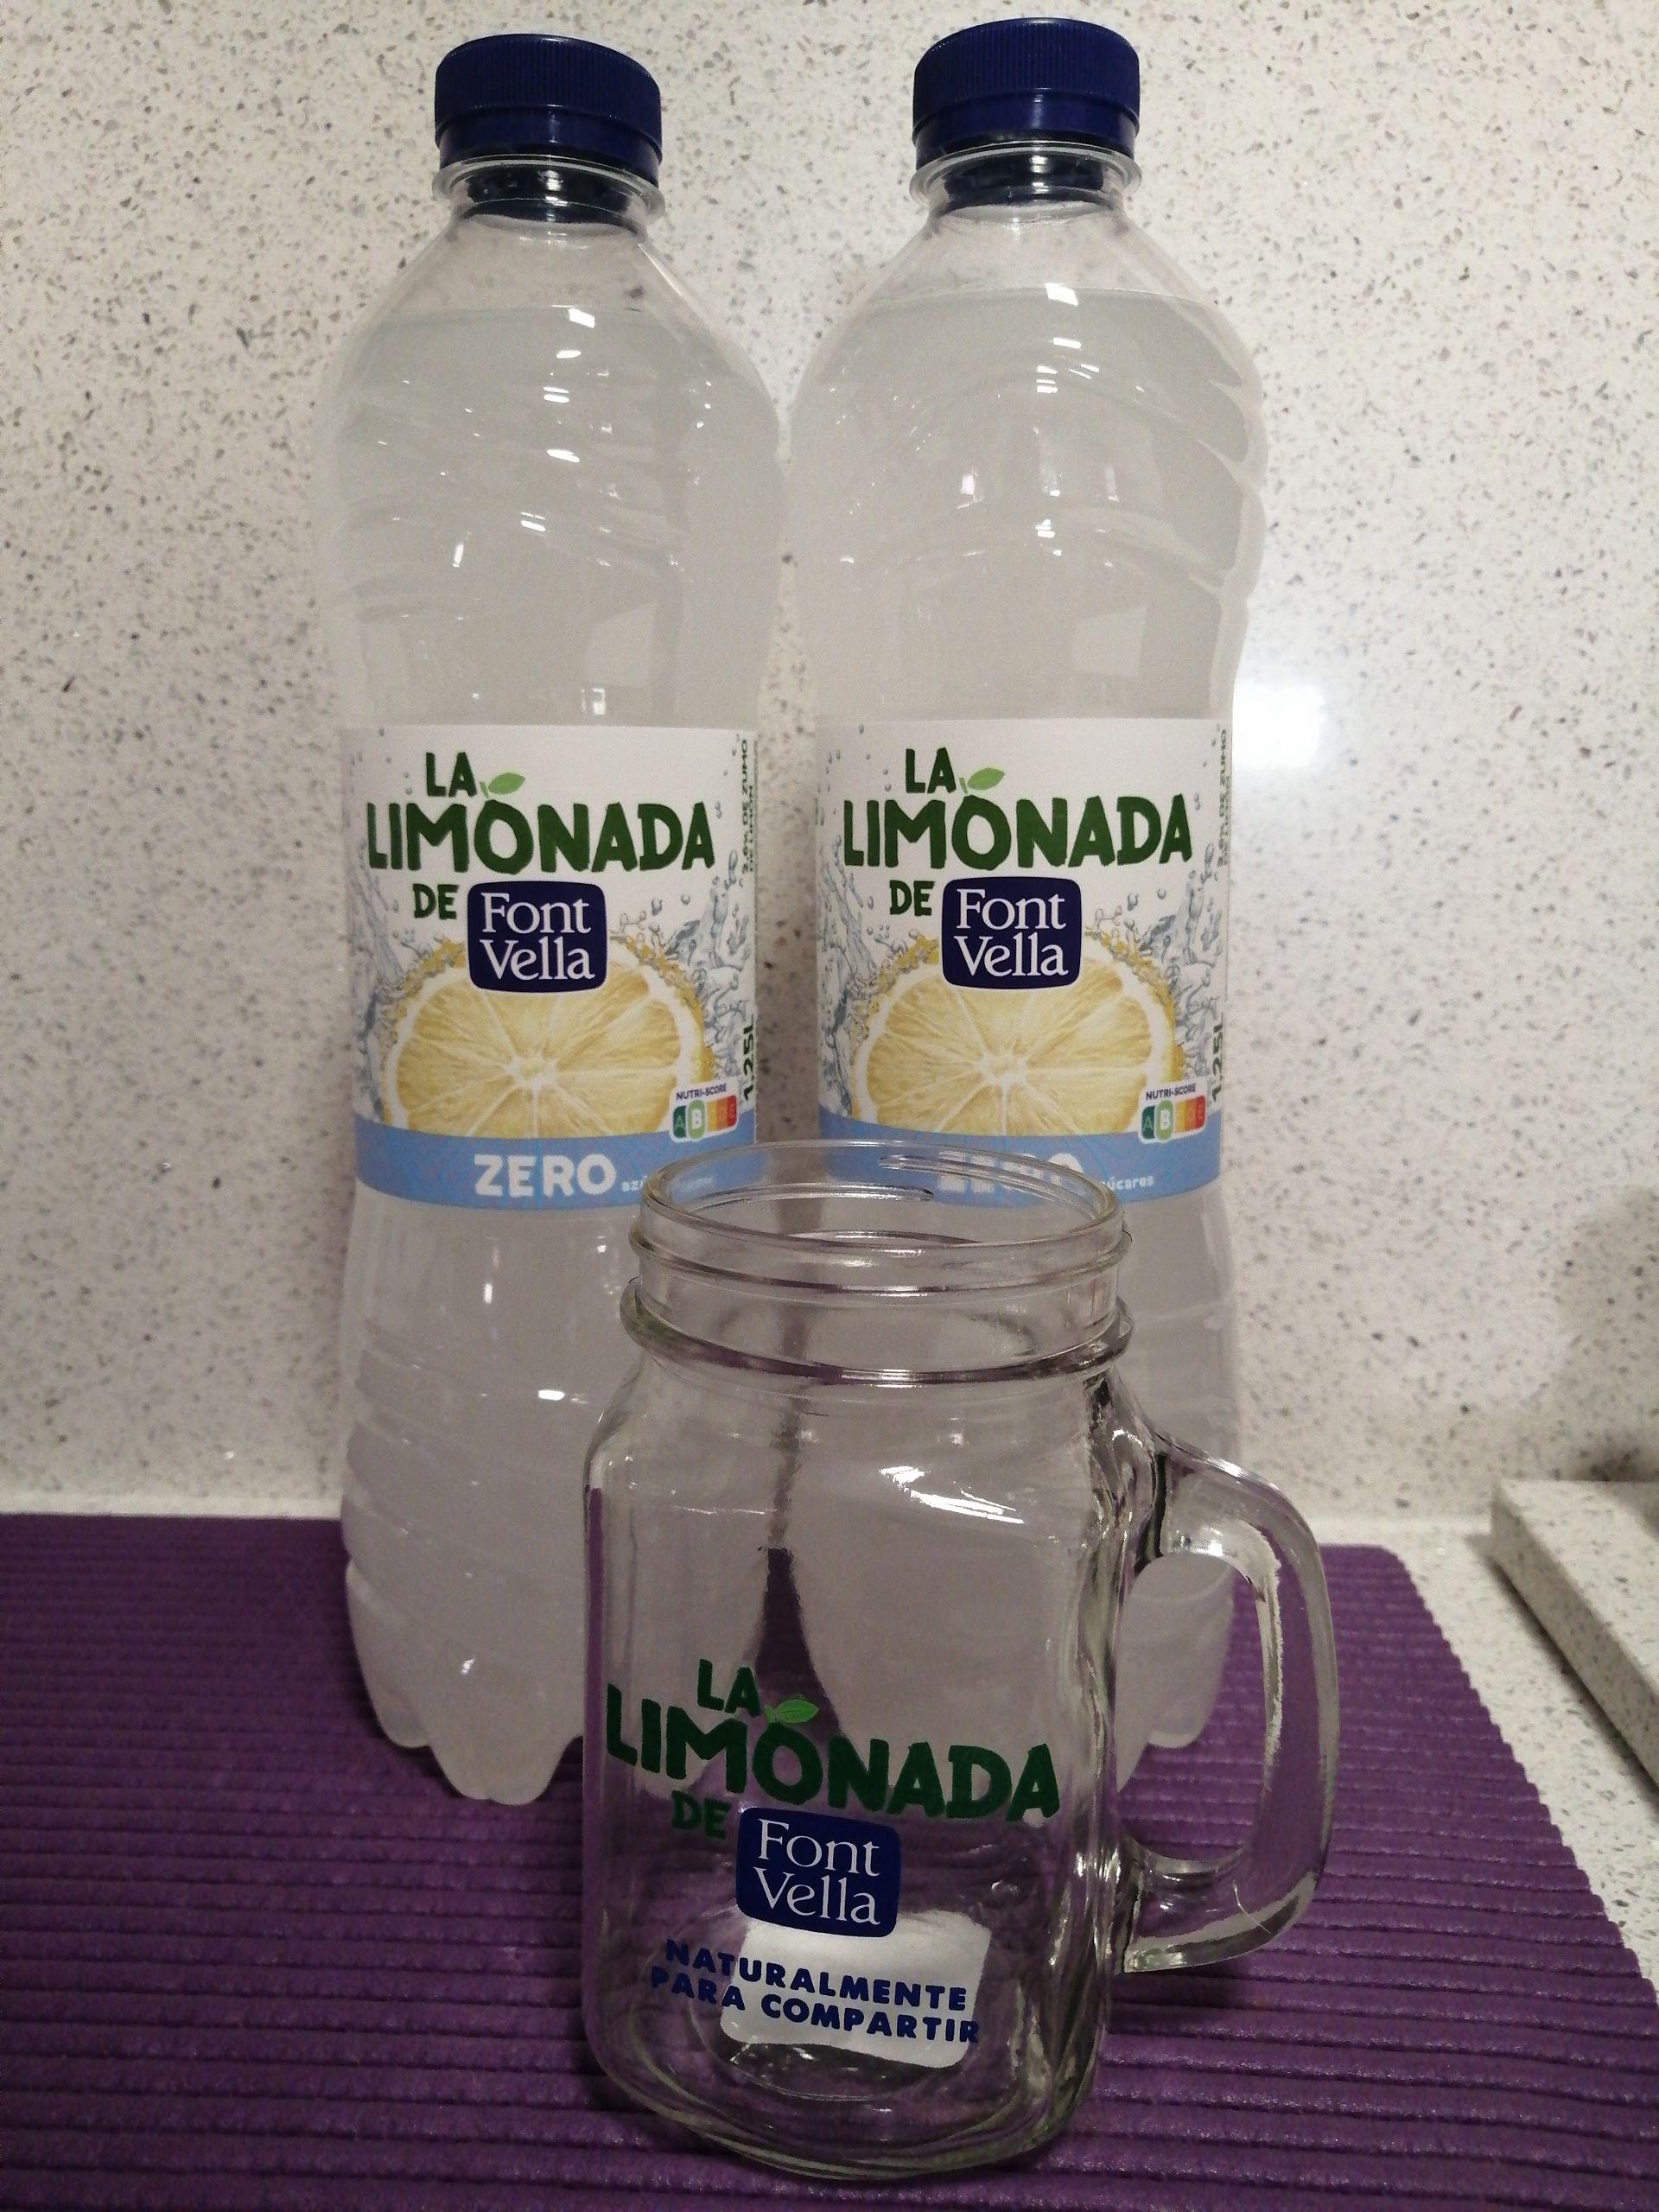 Jarra de regalo al comprar dos botellas de limonada en Carrefour